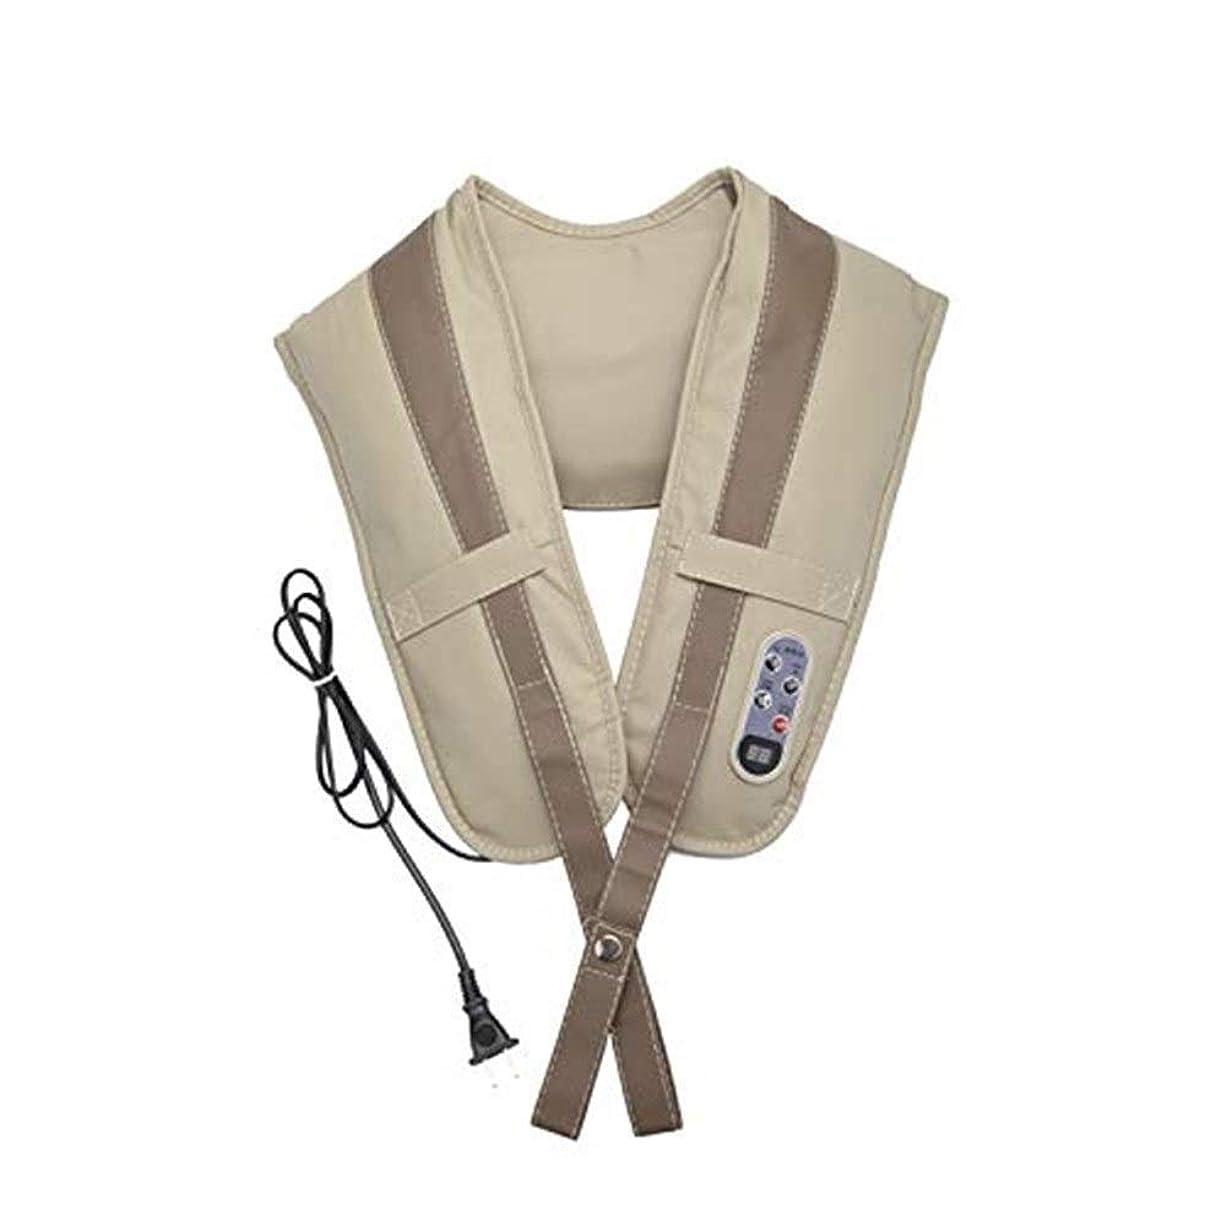 の面ではに付ける完全に乾くマッサージ 指圧深さ混練マッサージ枕暖房、首、肩、背中、足と足のマッサージャー、ベージュ マッサージ クッション